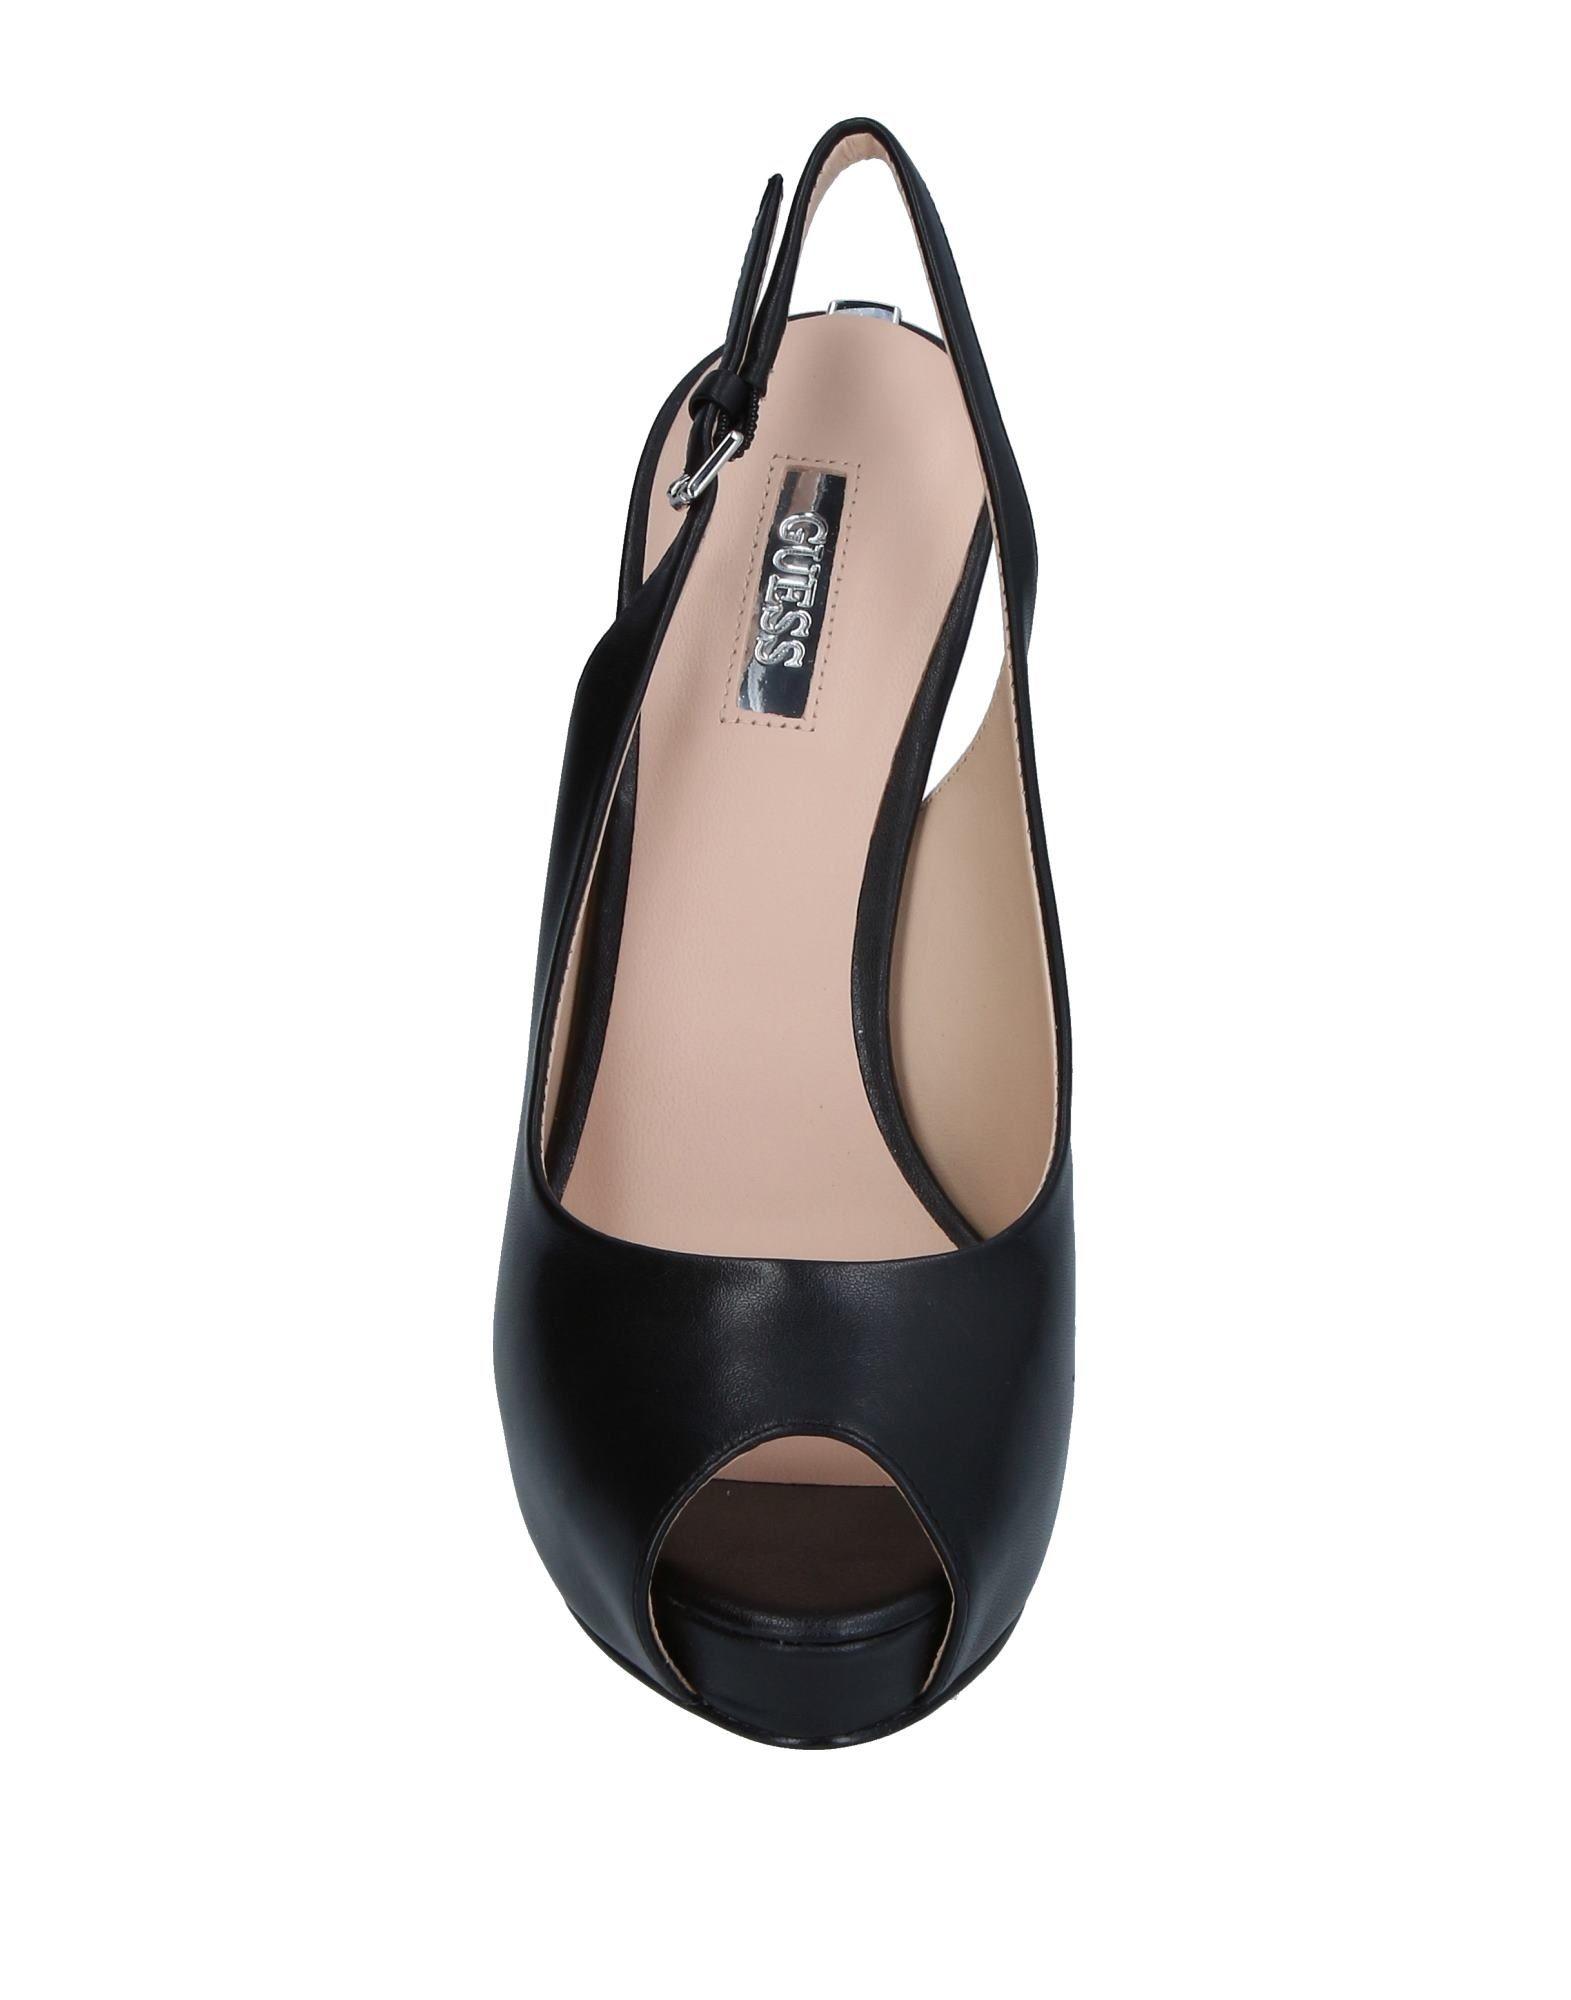 Guess  Sandalen Damen  Guess 11336567FN Gute Qualität beliebte Schuhe cc8501